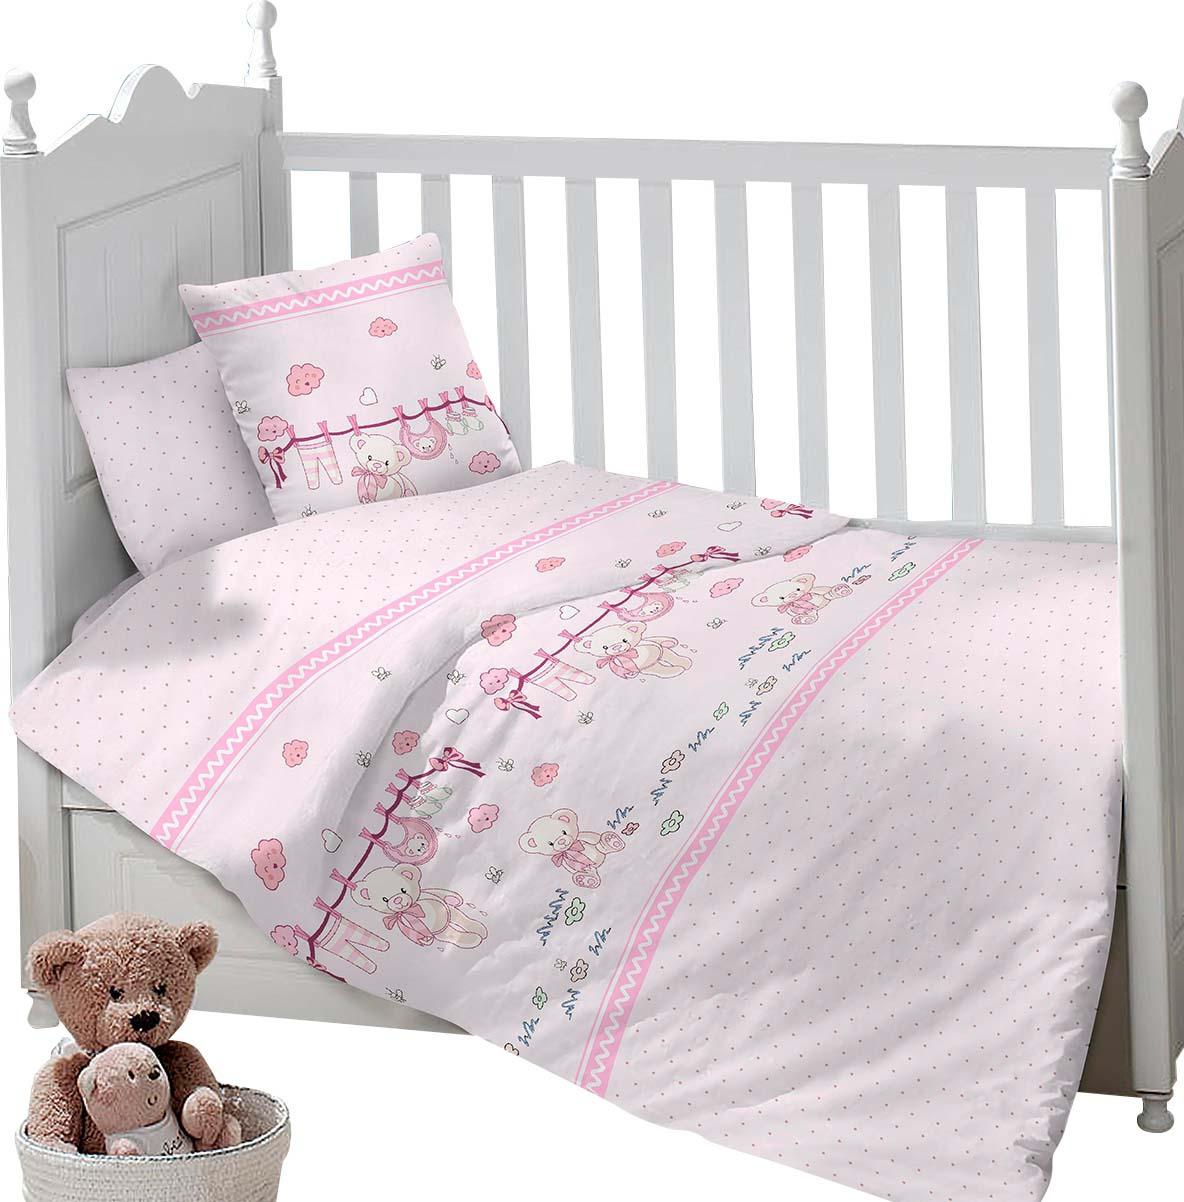 Комплект постельного белья Sweet Baby Gioco, 416123, розовый, 3 предмета цена